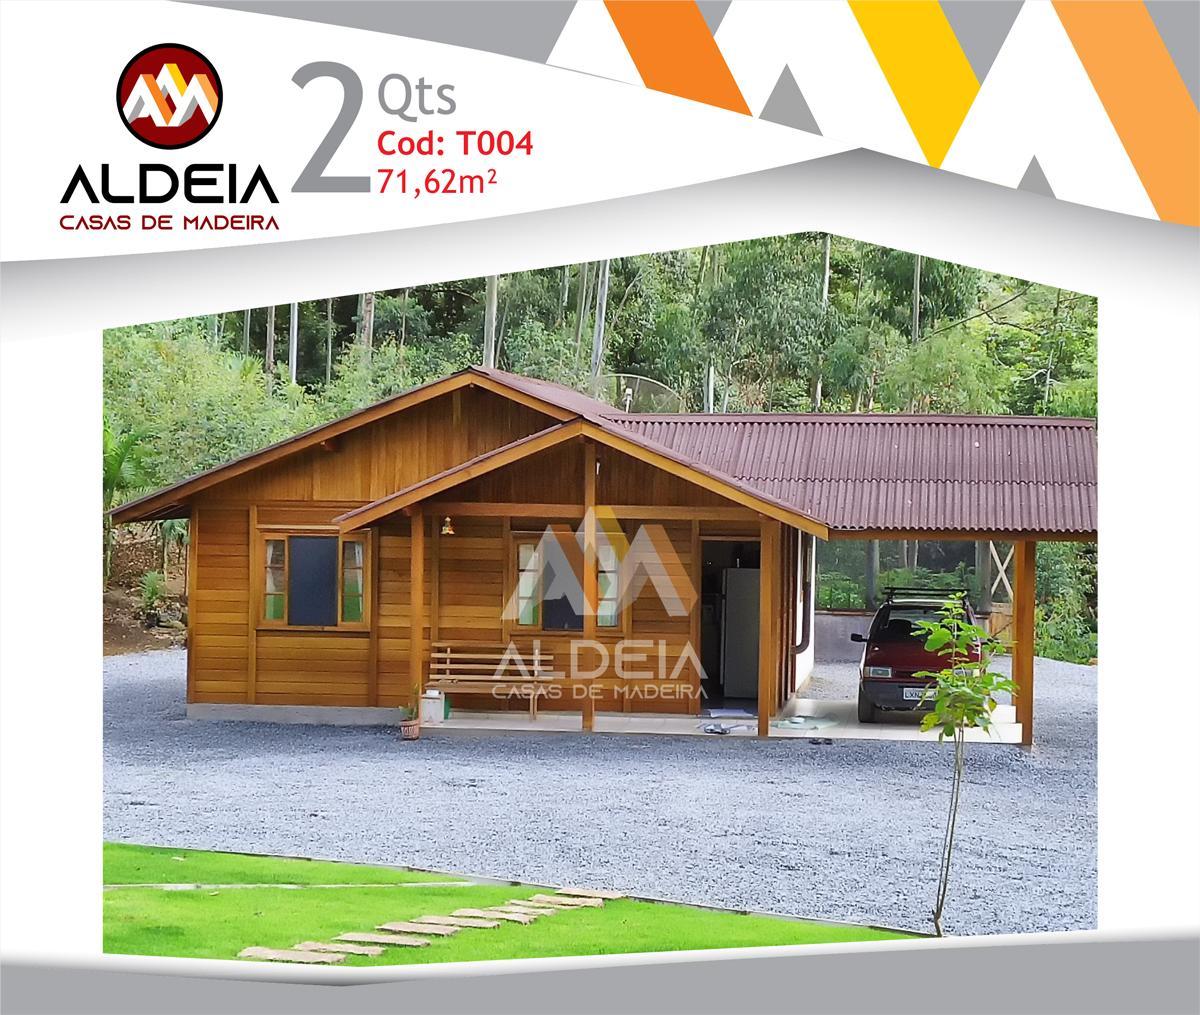 aldeia-casas-madeira-fachada-T004